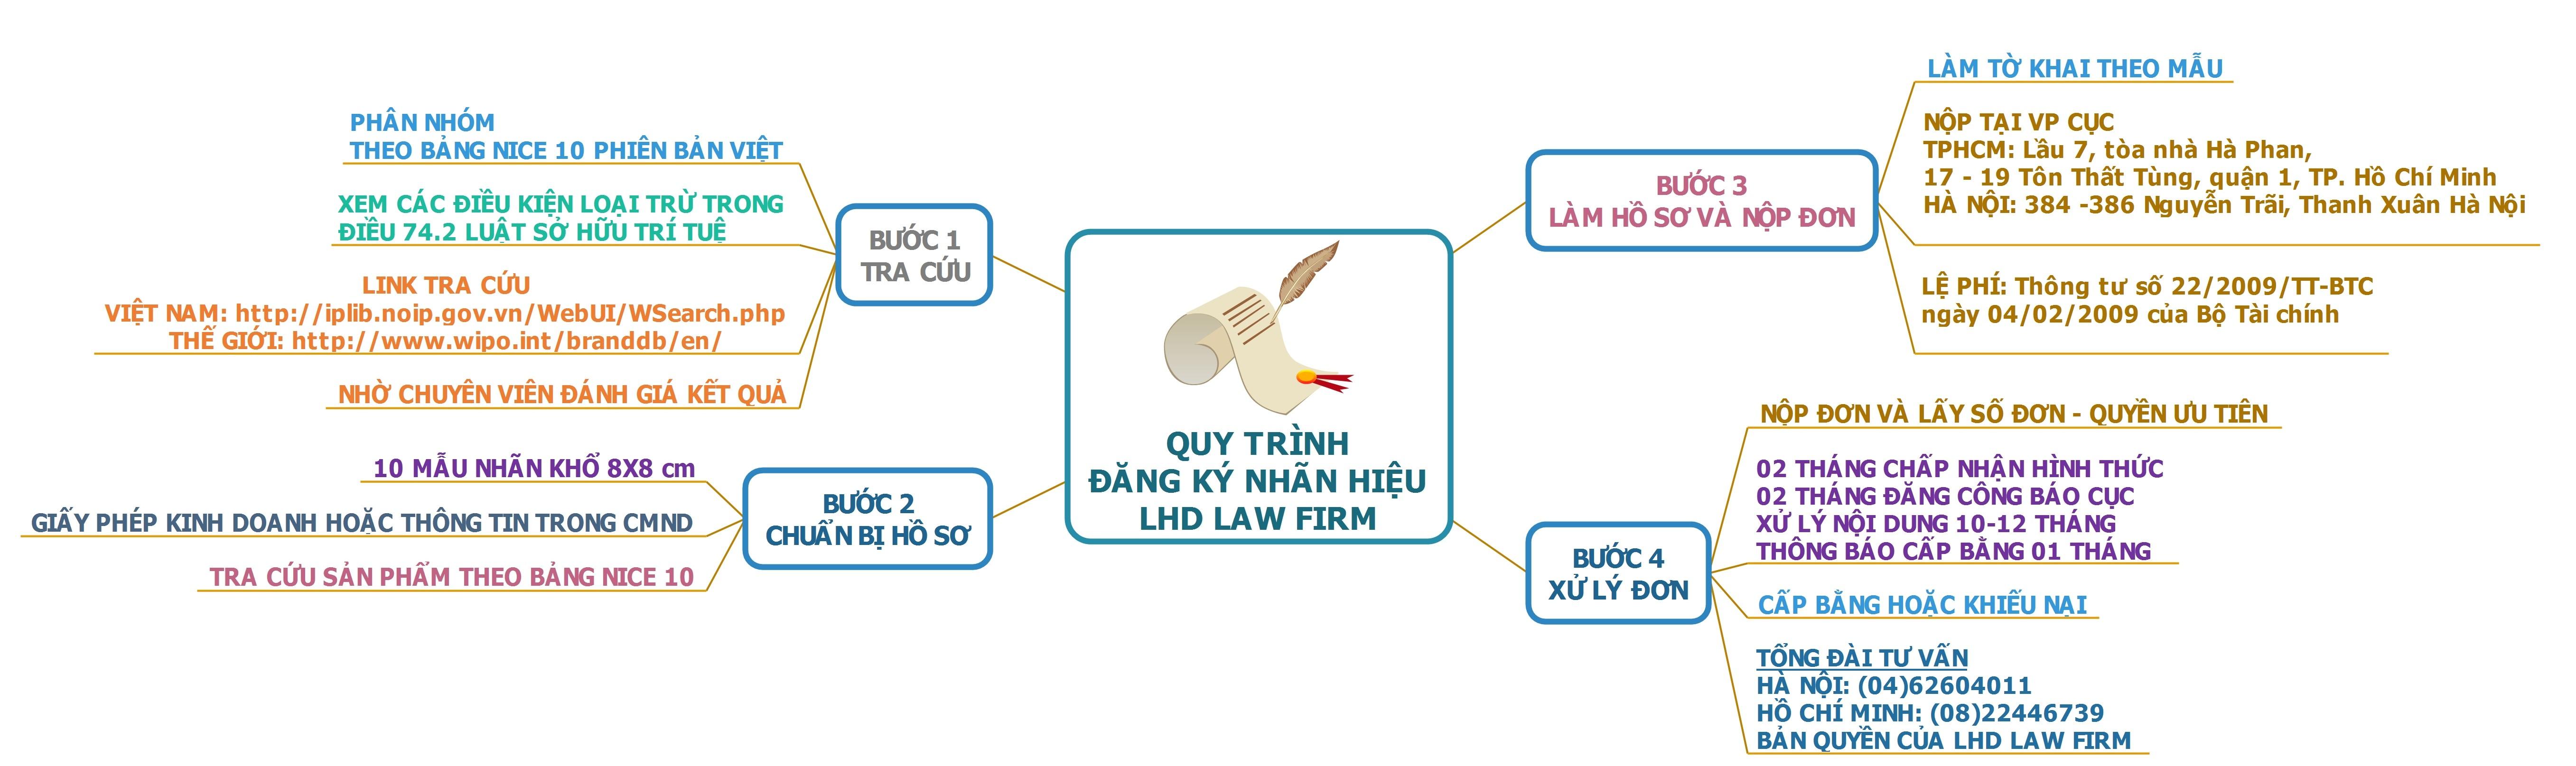 quy trình đăng ký nhãn hiệu